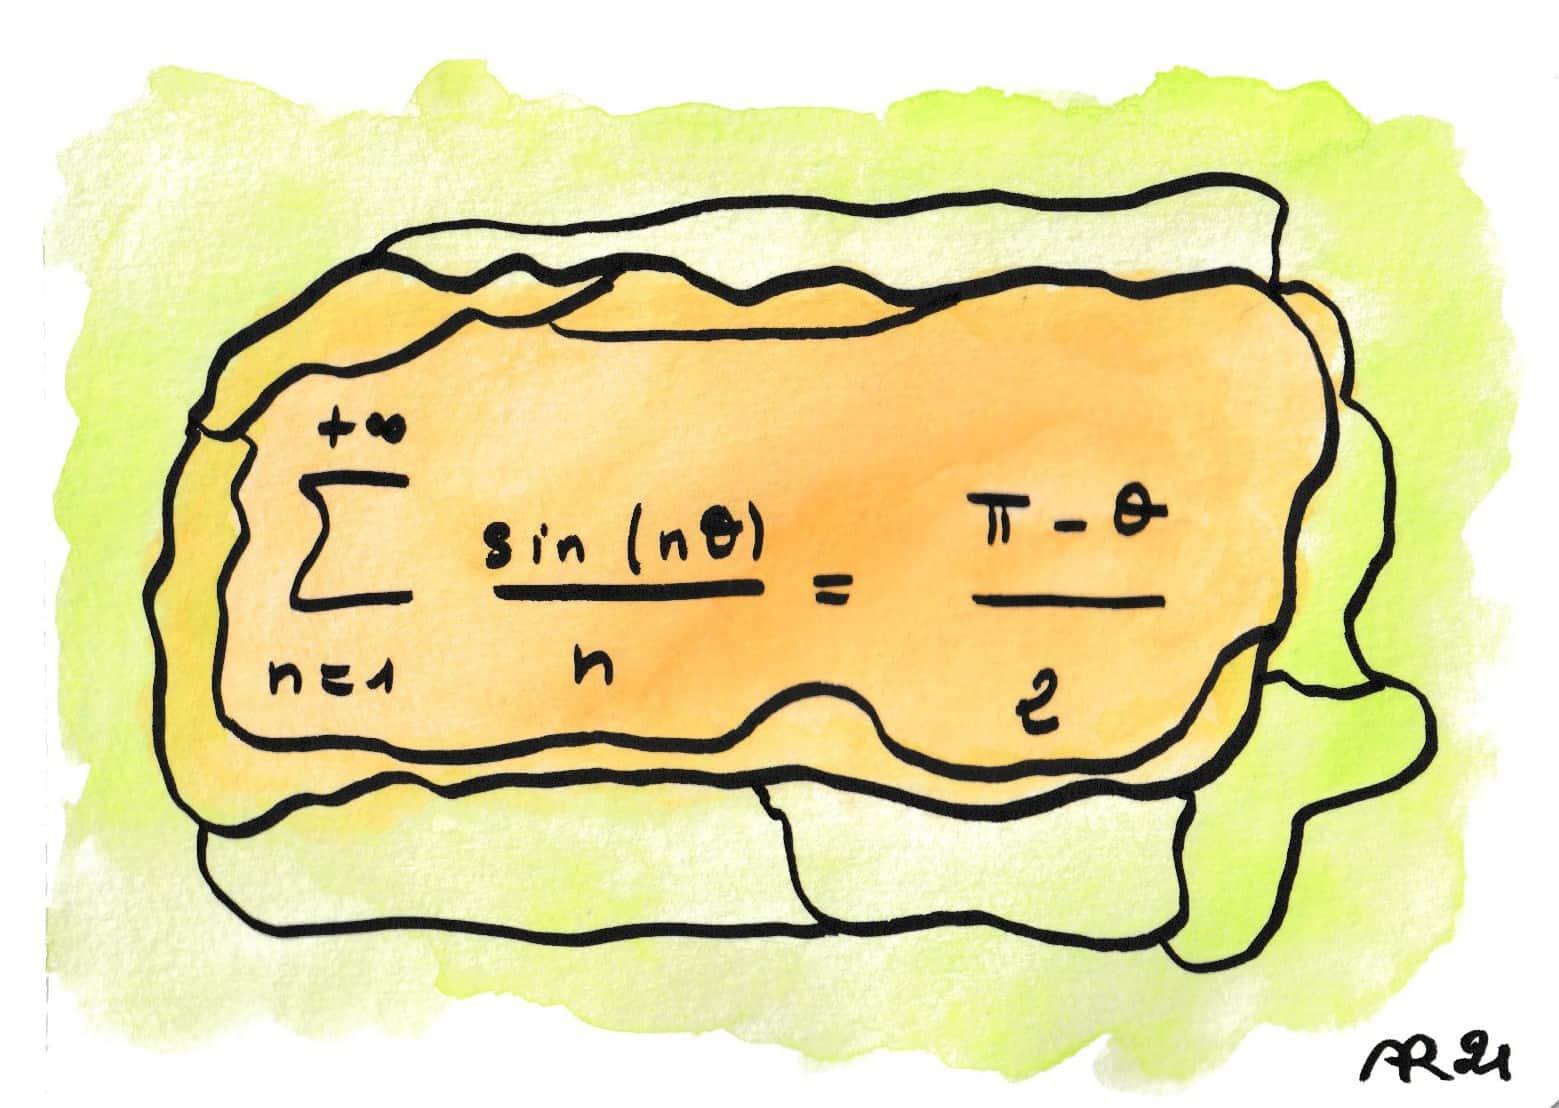 La beauté des formules de mathématiques 11